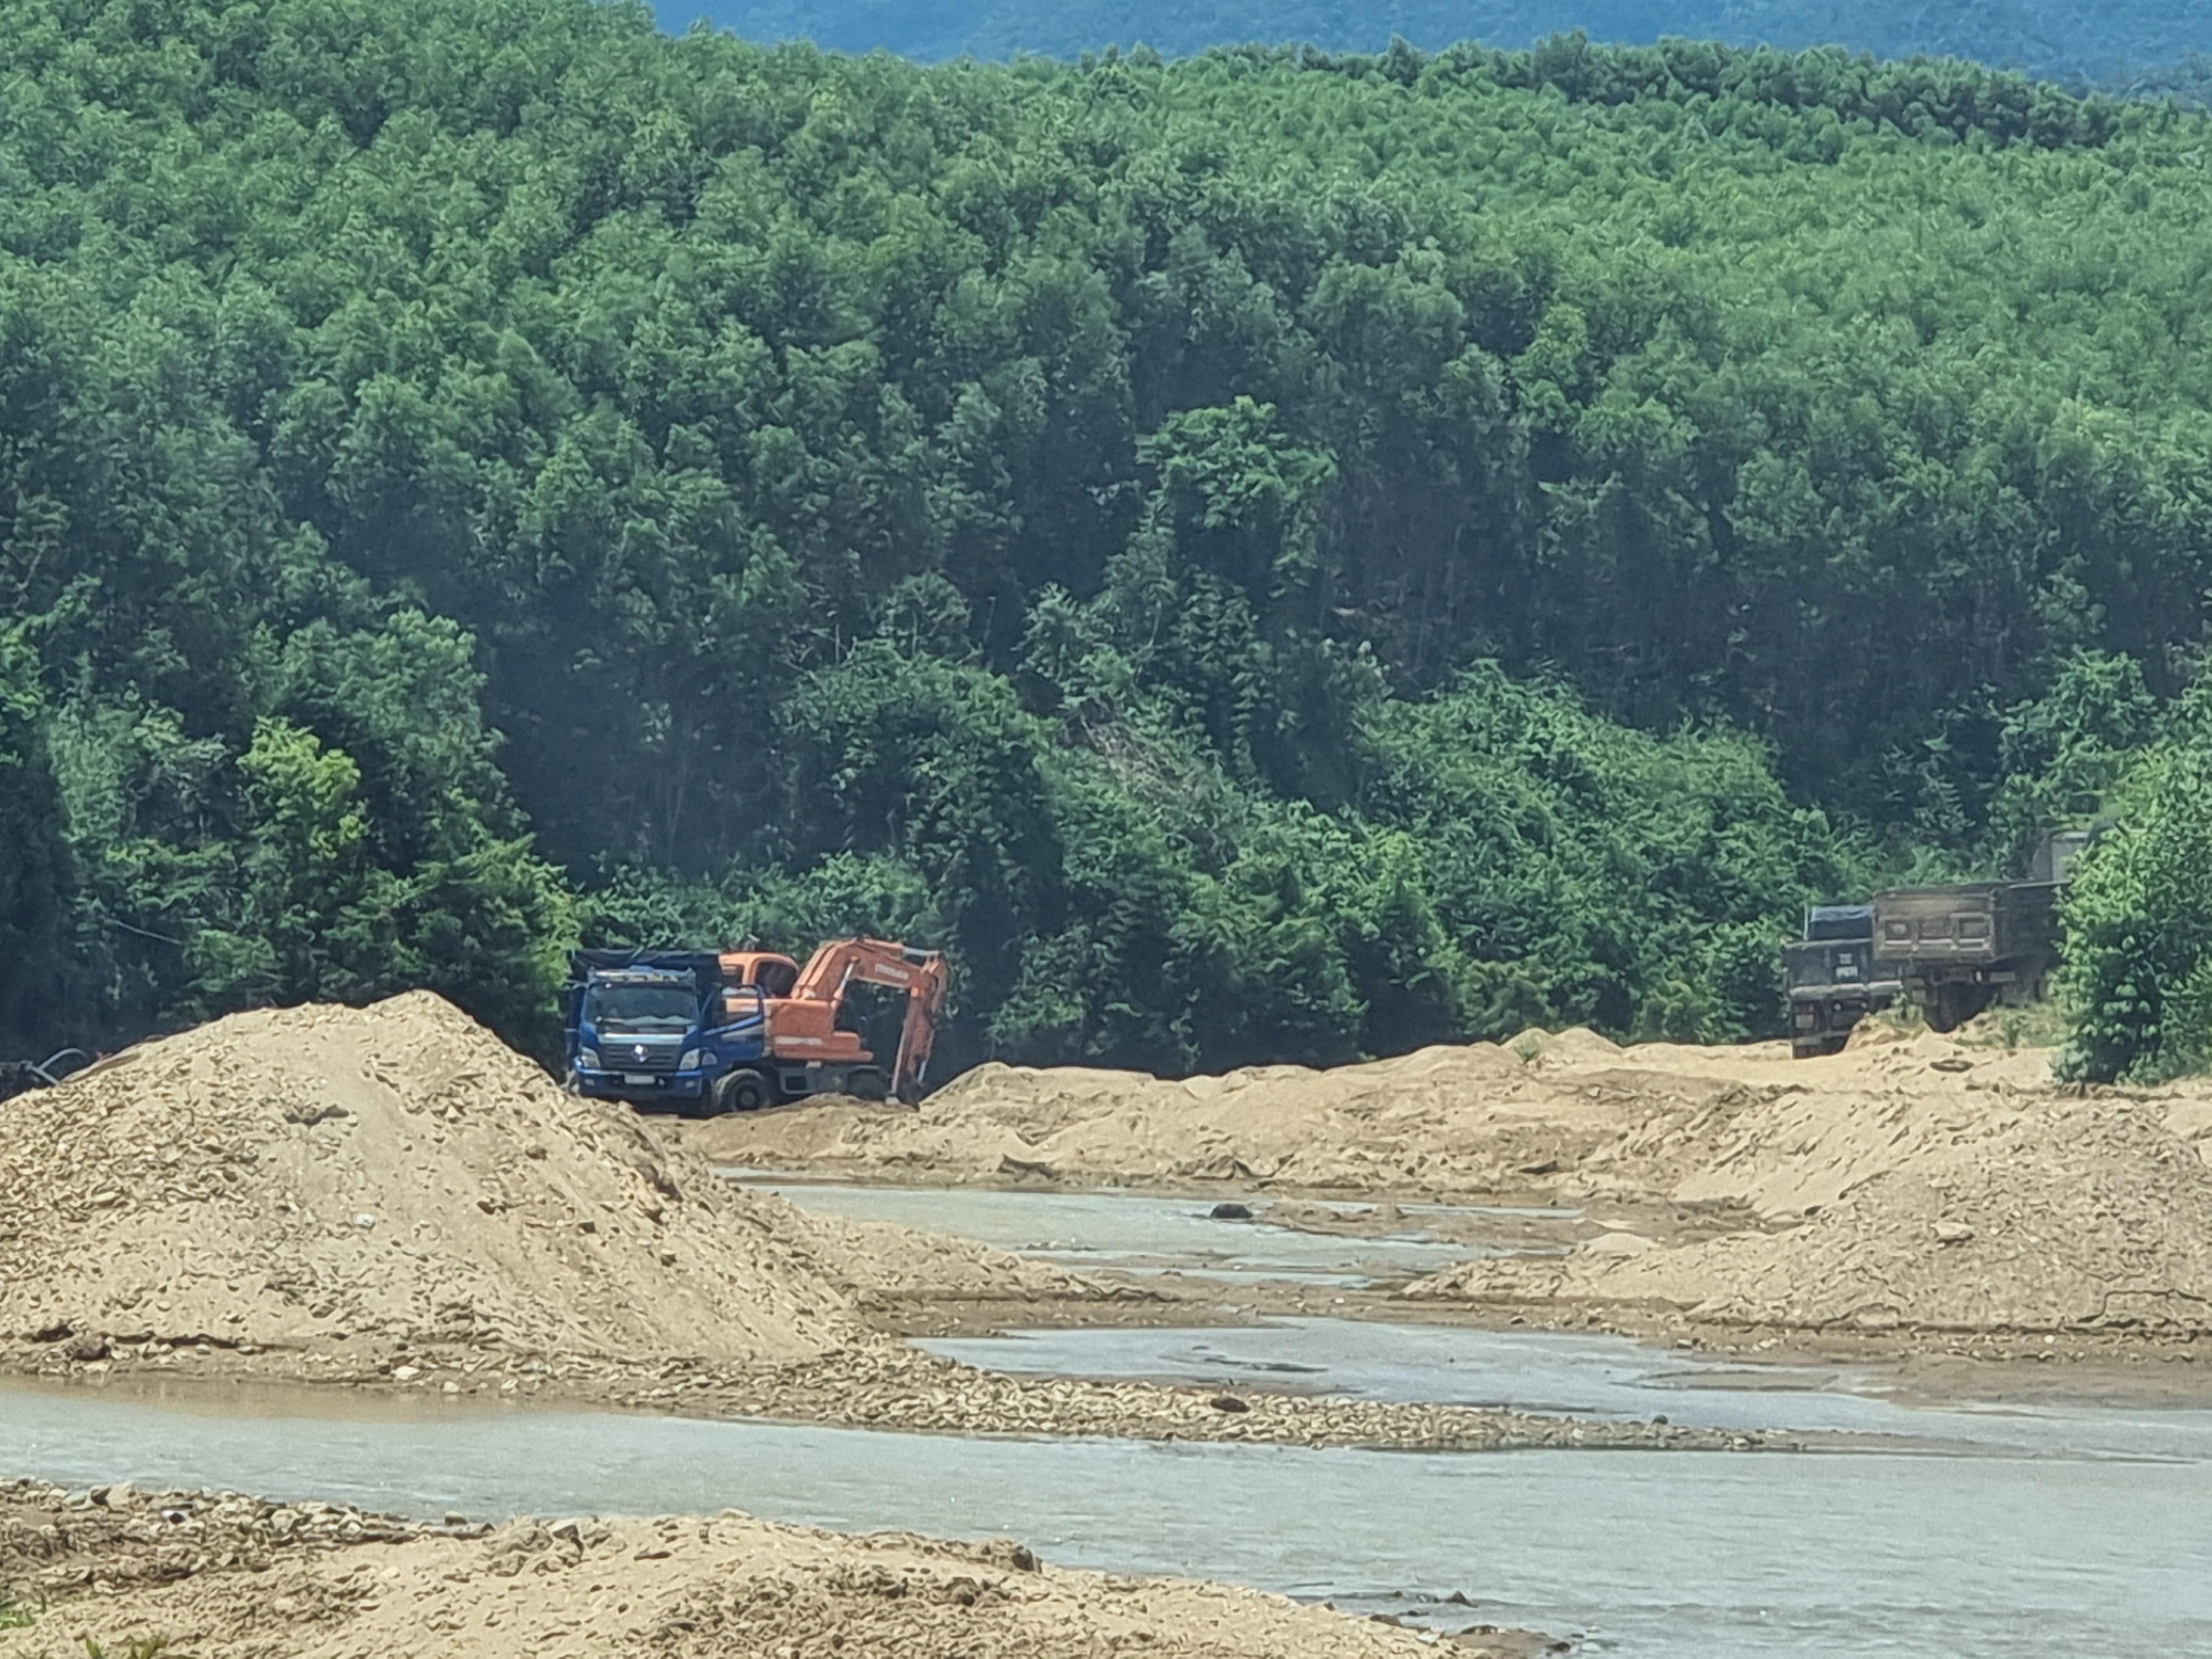 Dính nhiều sai phạm trong lĩnh vực tài nguyên khoáng sản, 4 doanh nghiệp ở Quảng Bình bị xử phạt